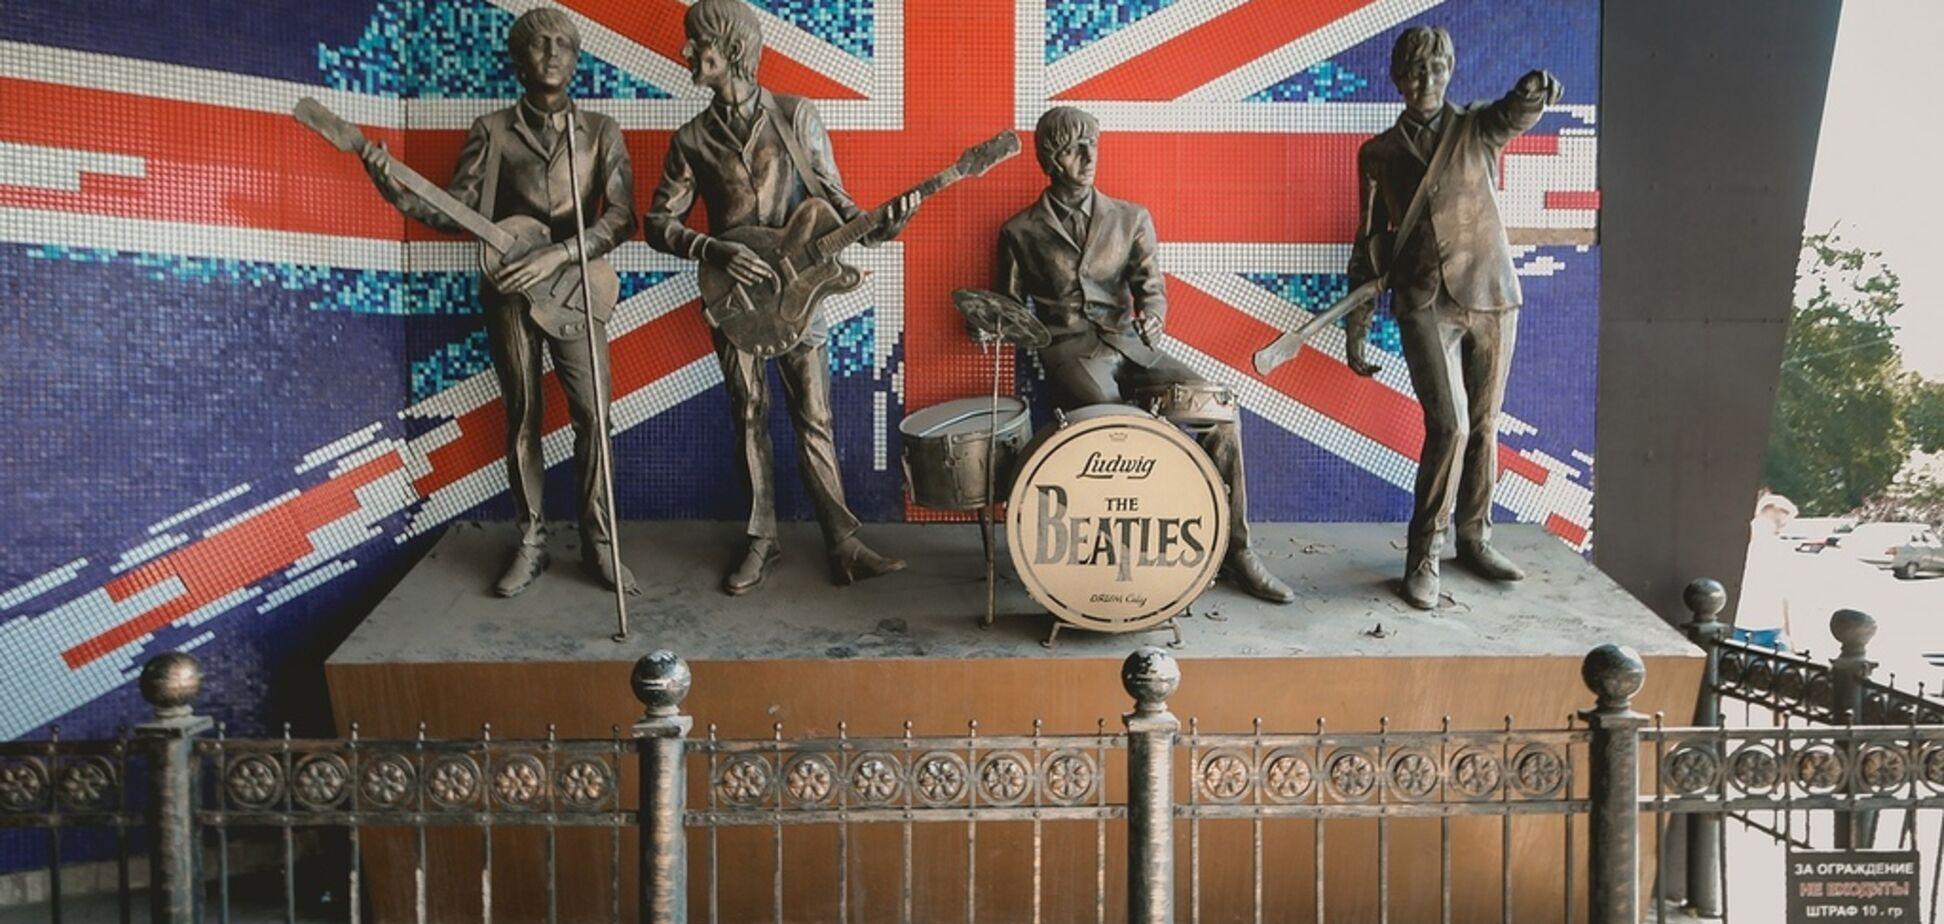 В оккупированном Донецке демонтировали известный памятник The Beatles